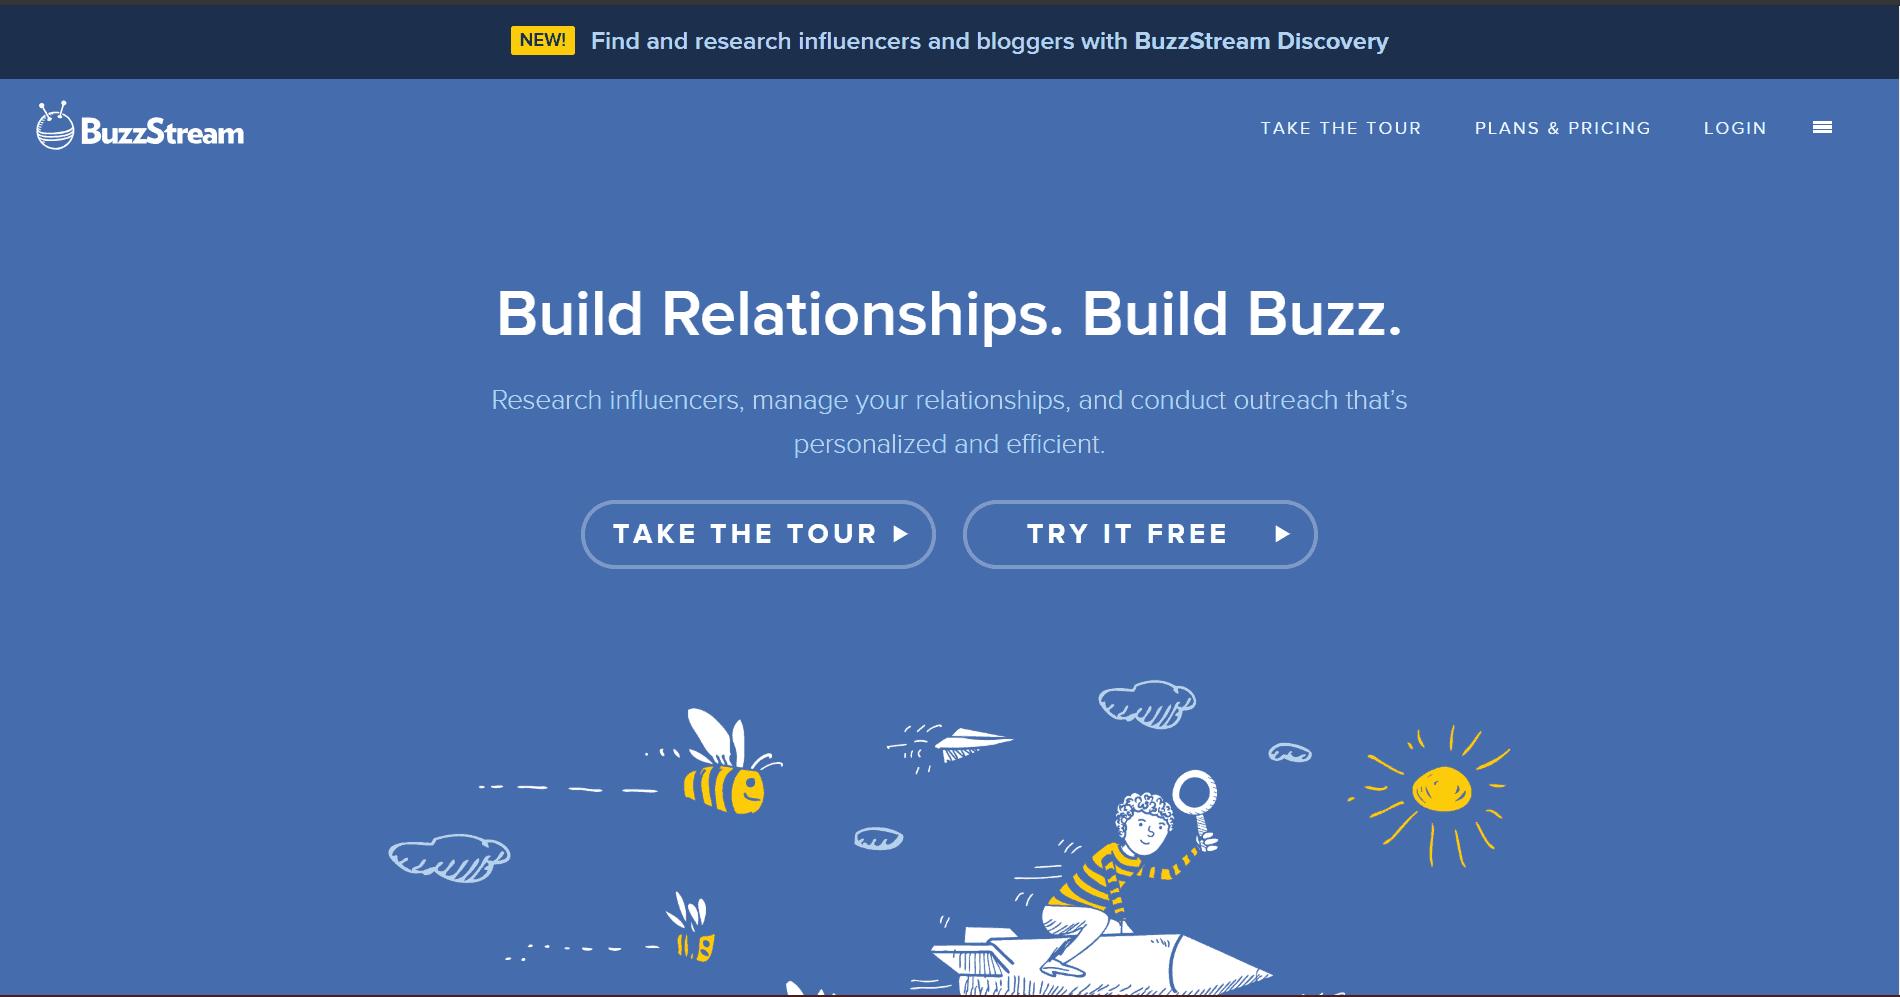 Buzzstream Blogger Outreach Tools